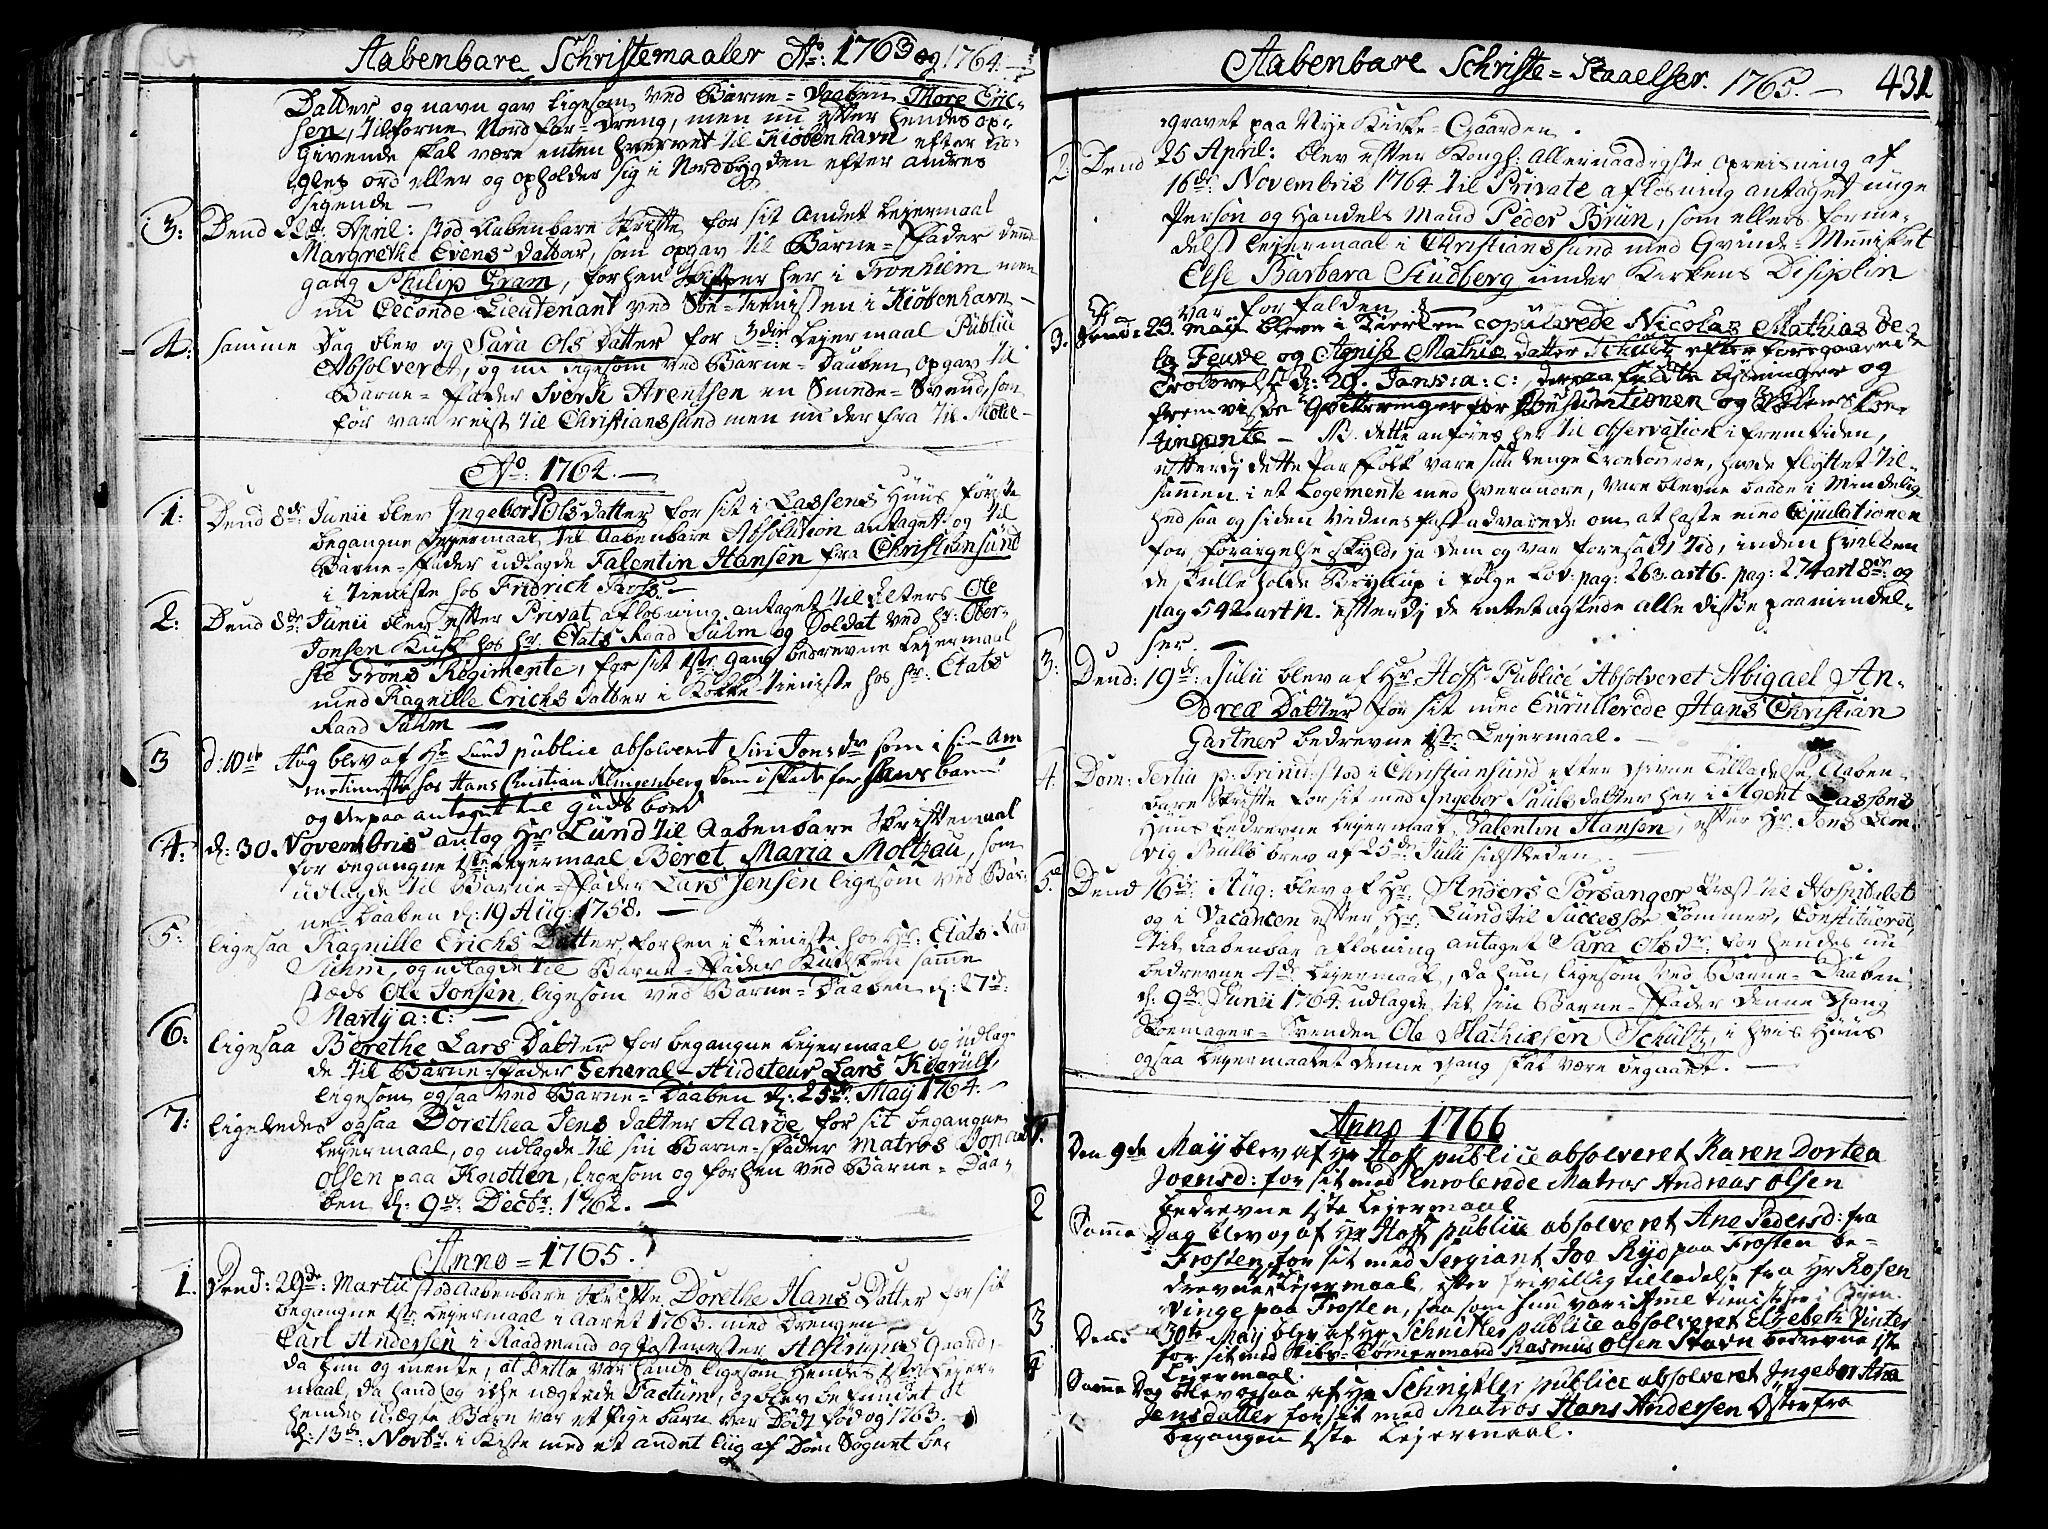 SAT, Ministerialprotokoller, klokkerbøker og fødselsregistre - Sør-Trøndelag, 602/L0103: Ministerialbok nr. 602A01, 1732-1774, s. 431